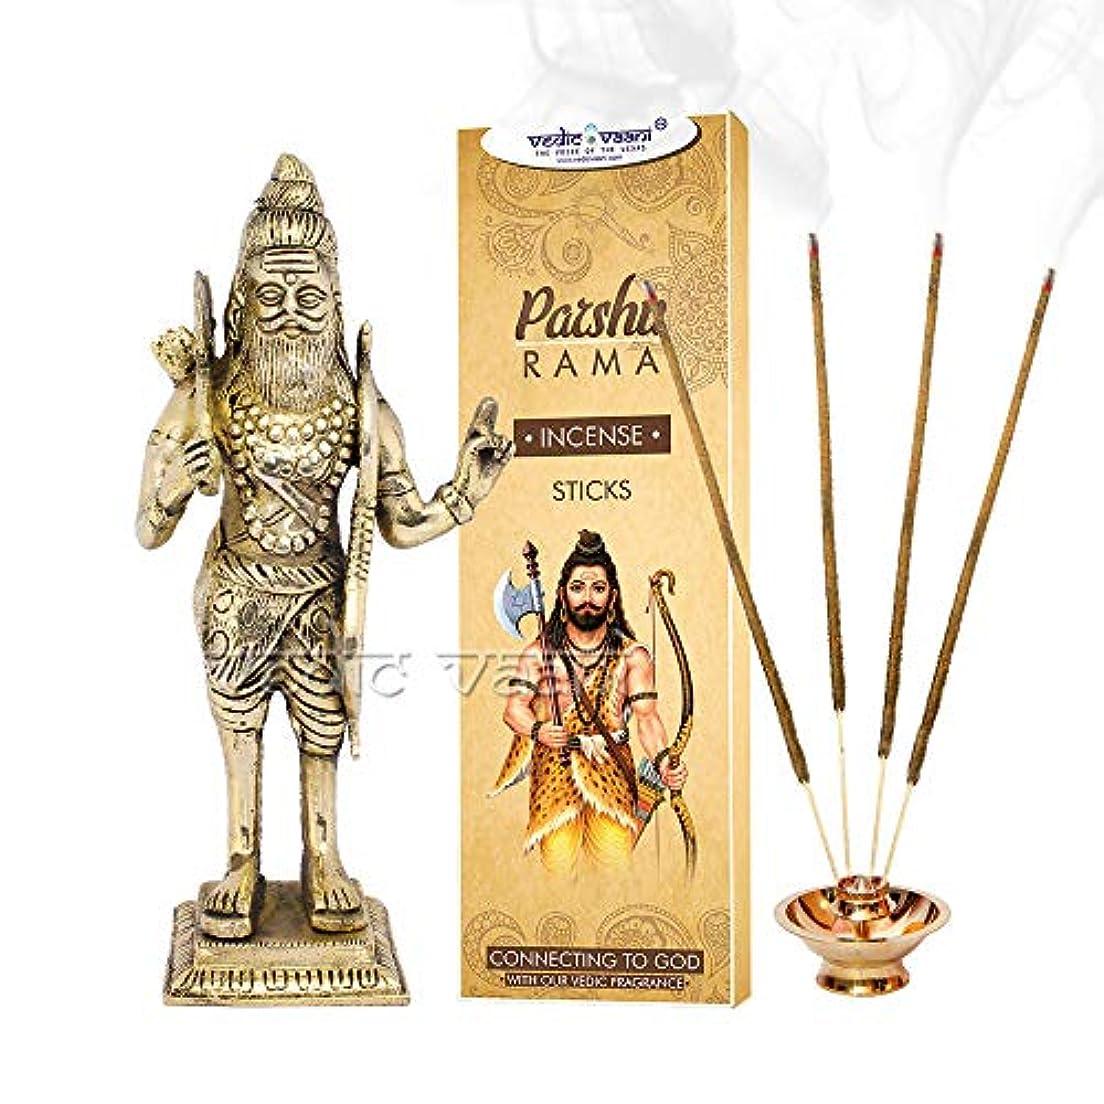 間違えた名前を作るカウンタVedic Vaani Maharaj Parshuram 真鍮アイドル パラシュラマ香スティック付き